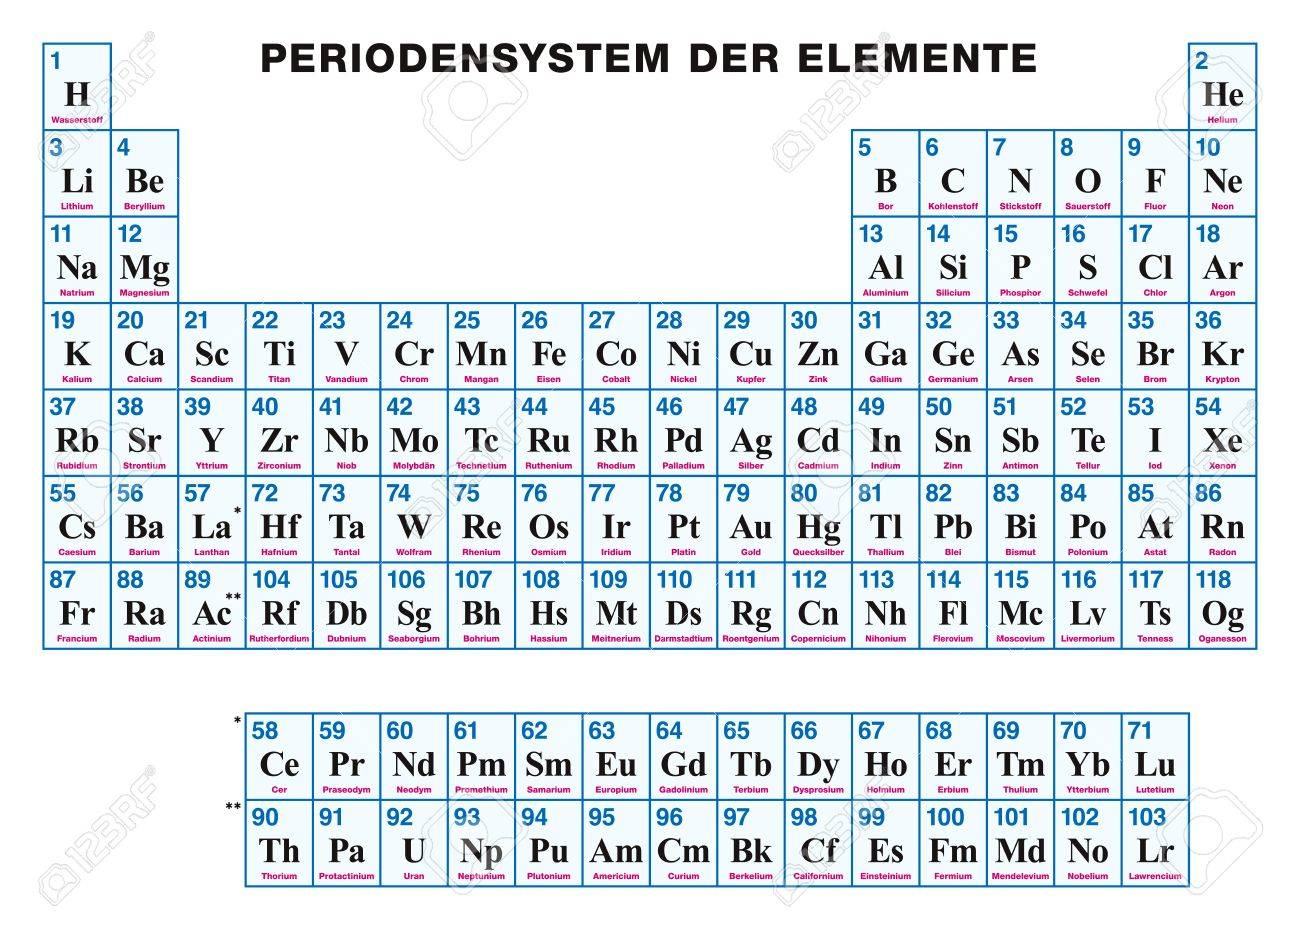 Tabla peridica de los elementos alemn disposicin tabular de los foto de archivo tabla peridica de los elementos alemn disposicin tabular de los elementos qumicos con sus nmeros atmicos smbolos y nombres urtaz Choice Image